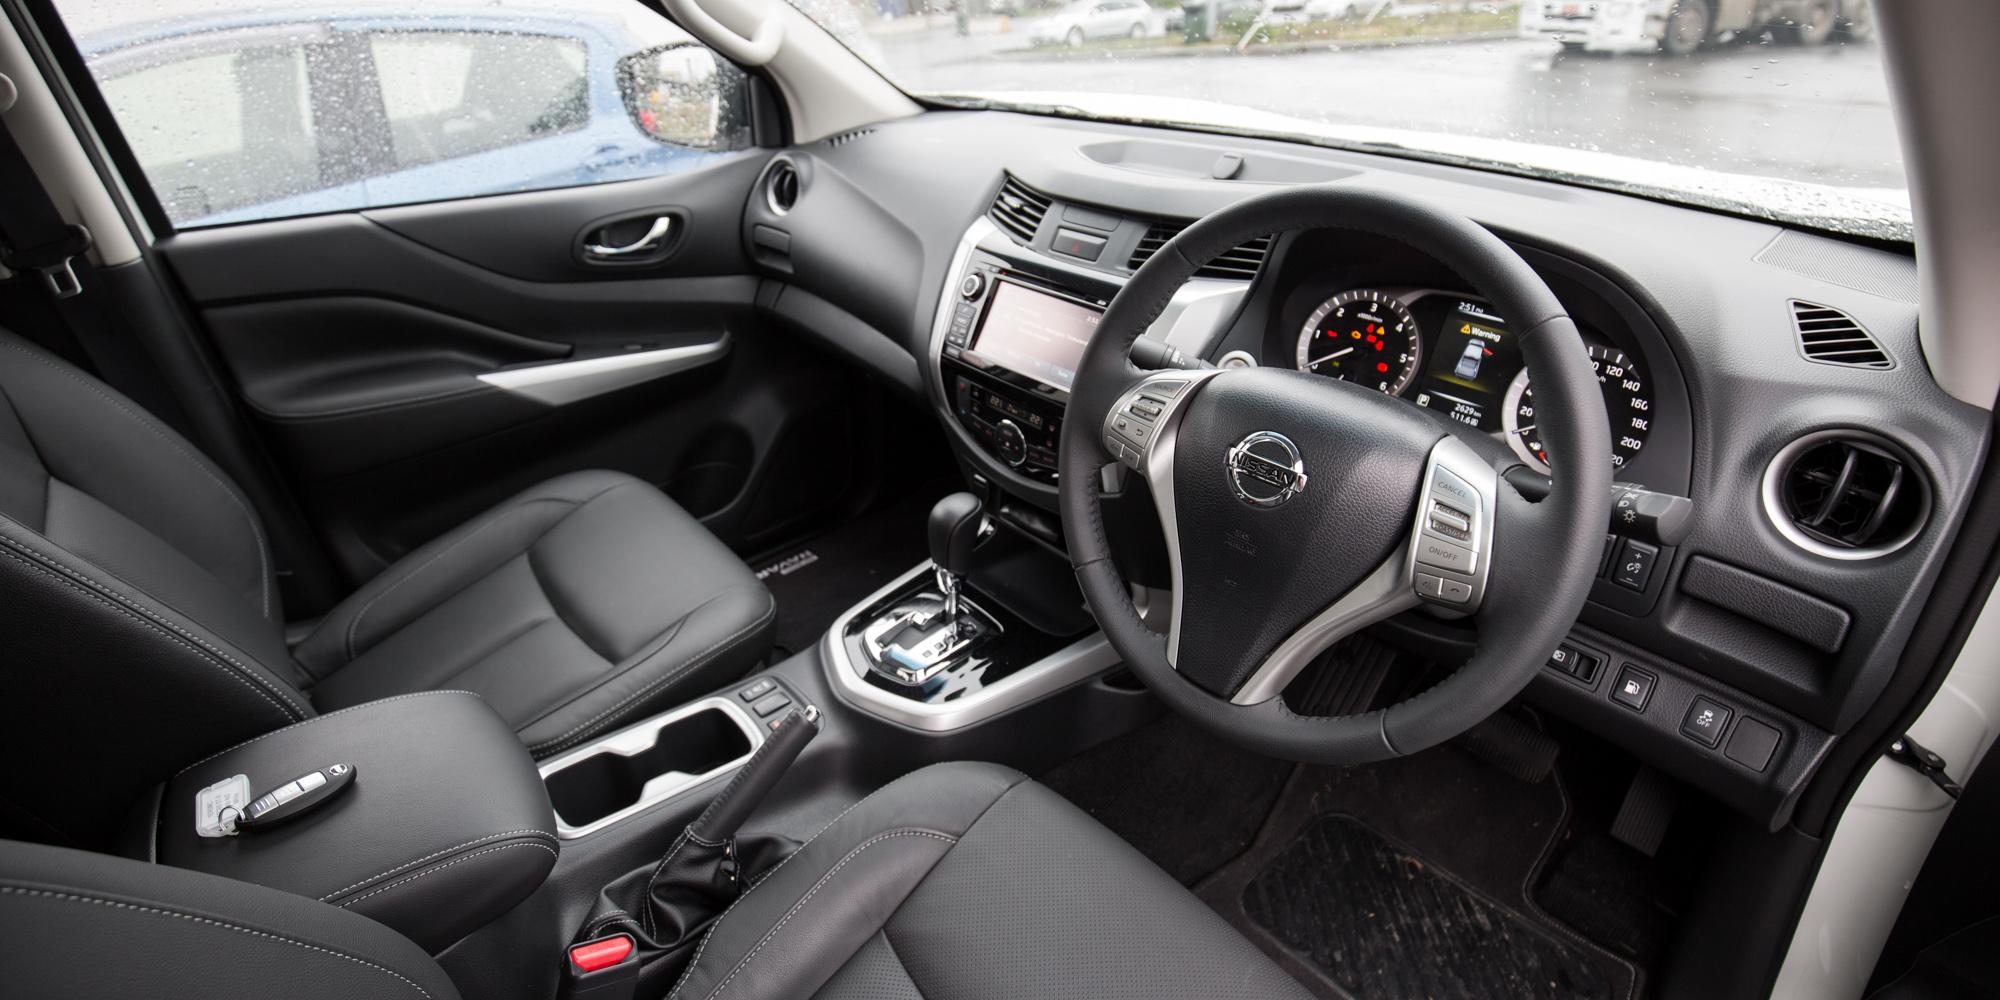 2015 Nissan Navara NP300 Review: ST-X 4x2 Dual-Cab | CarAdvice